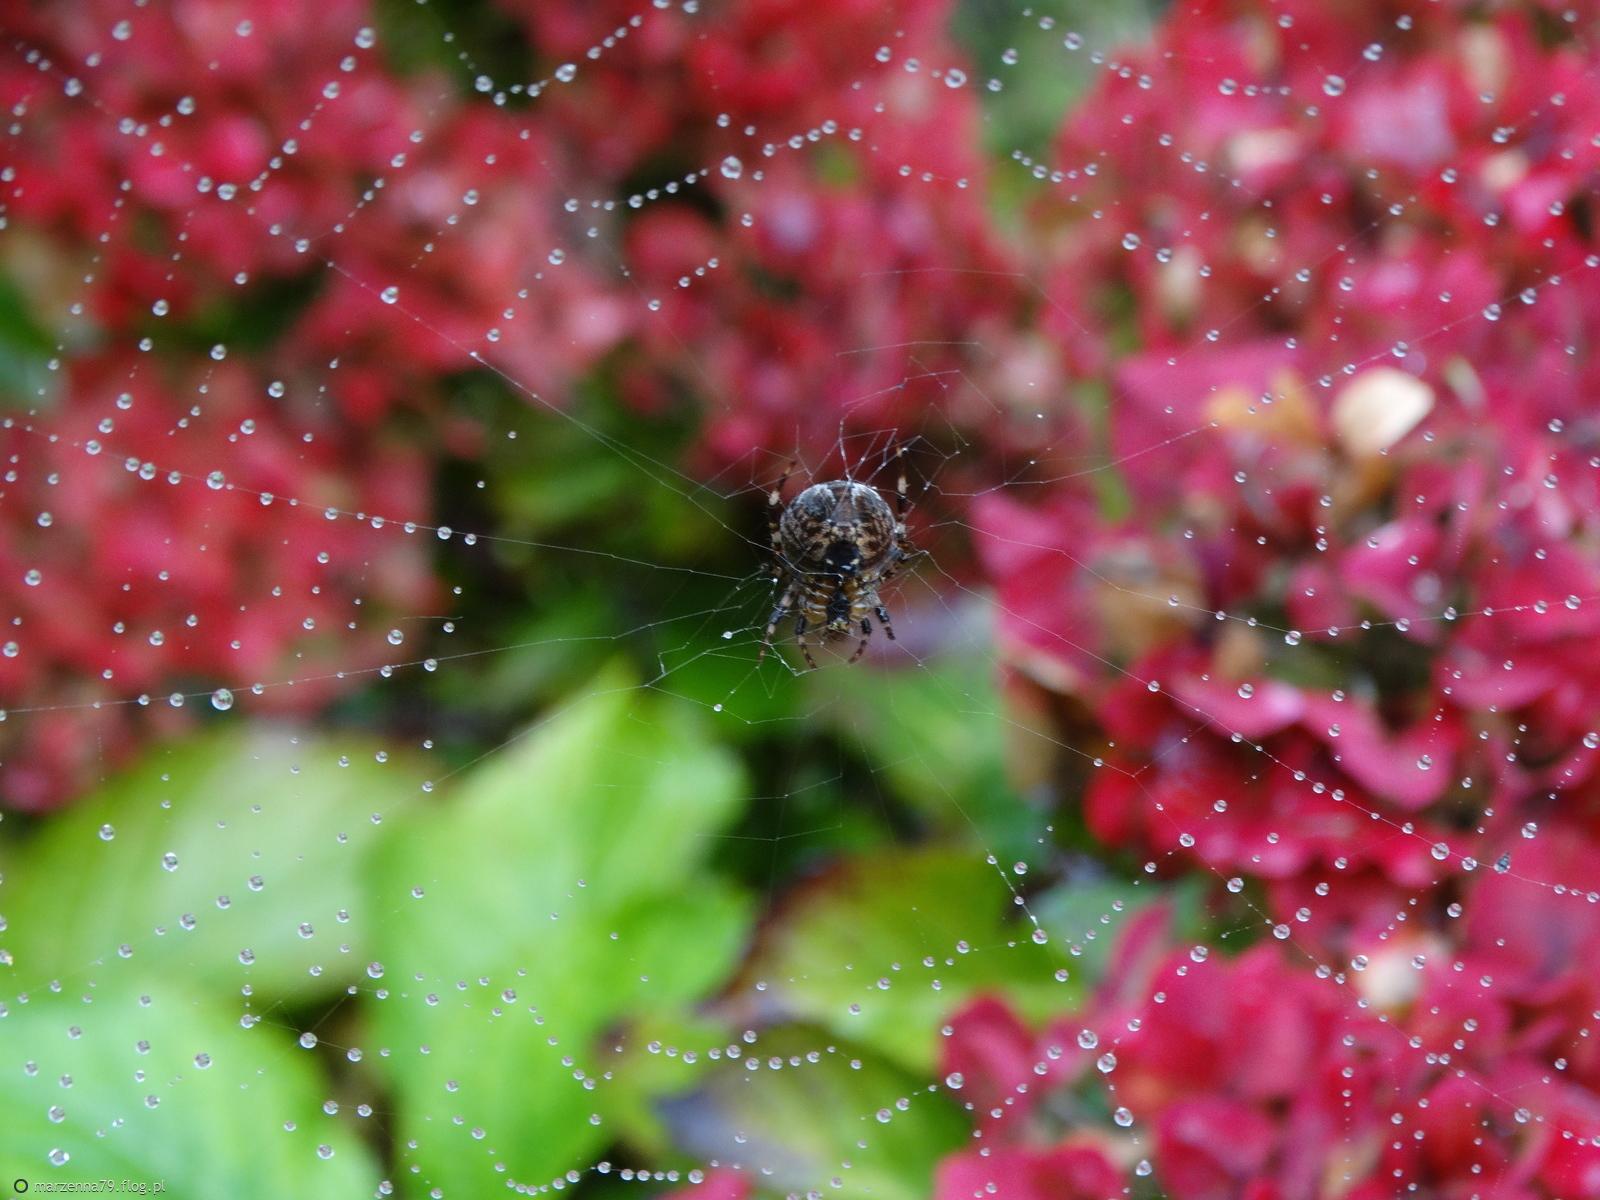 Jesienne hortensje z mojego ogrodu + filmik dla Ciebie Madlenko w rewanżu ⊰✿⊱